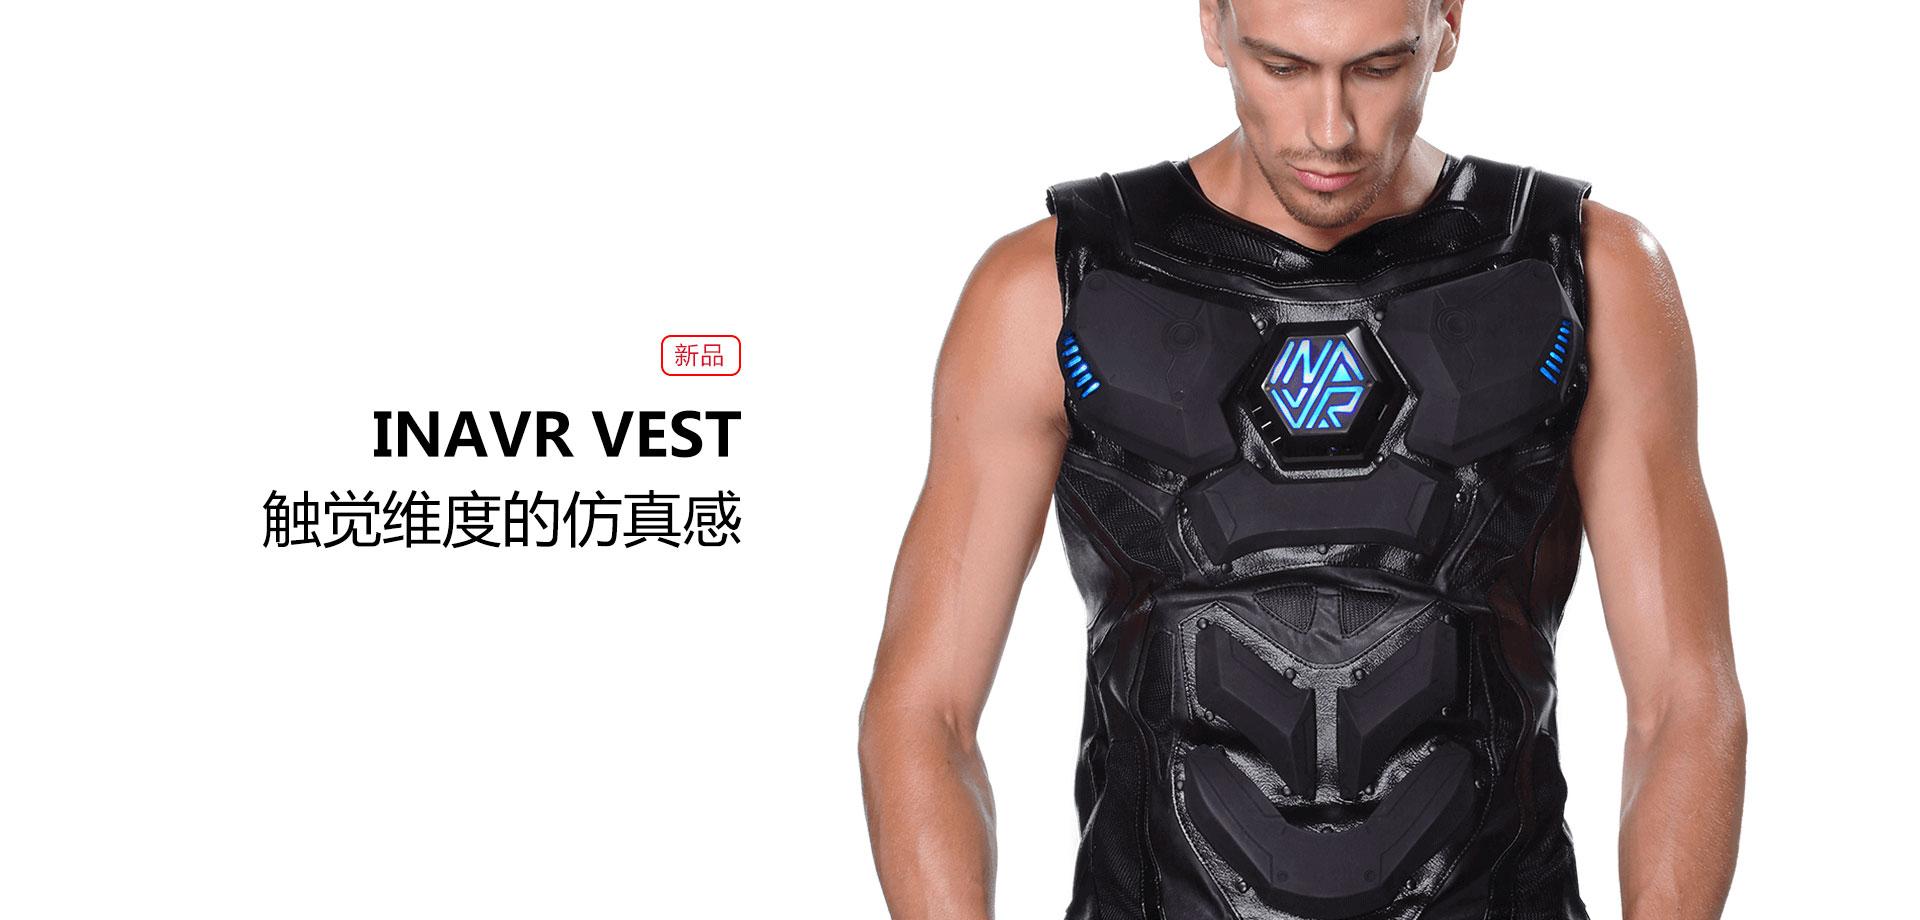 数娱科技AR\VR\体感娱乐背心